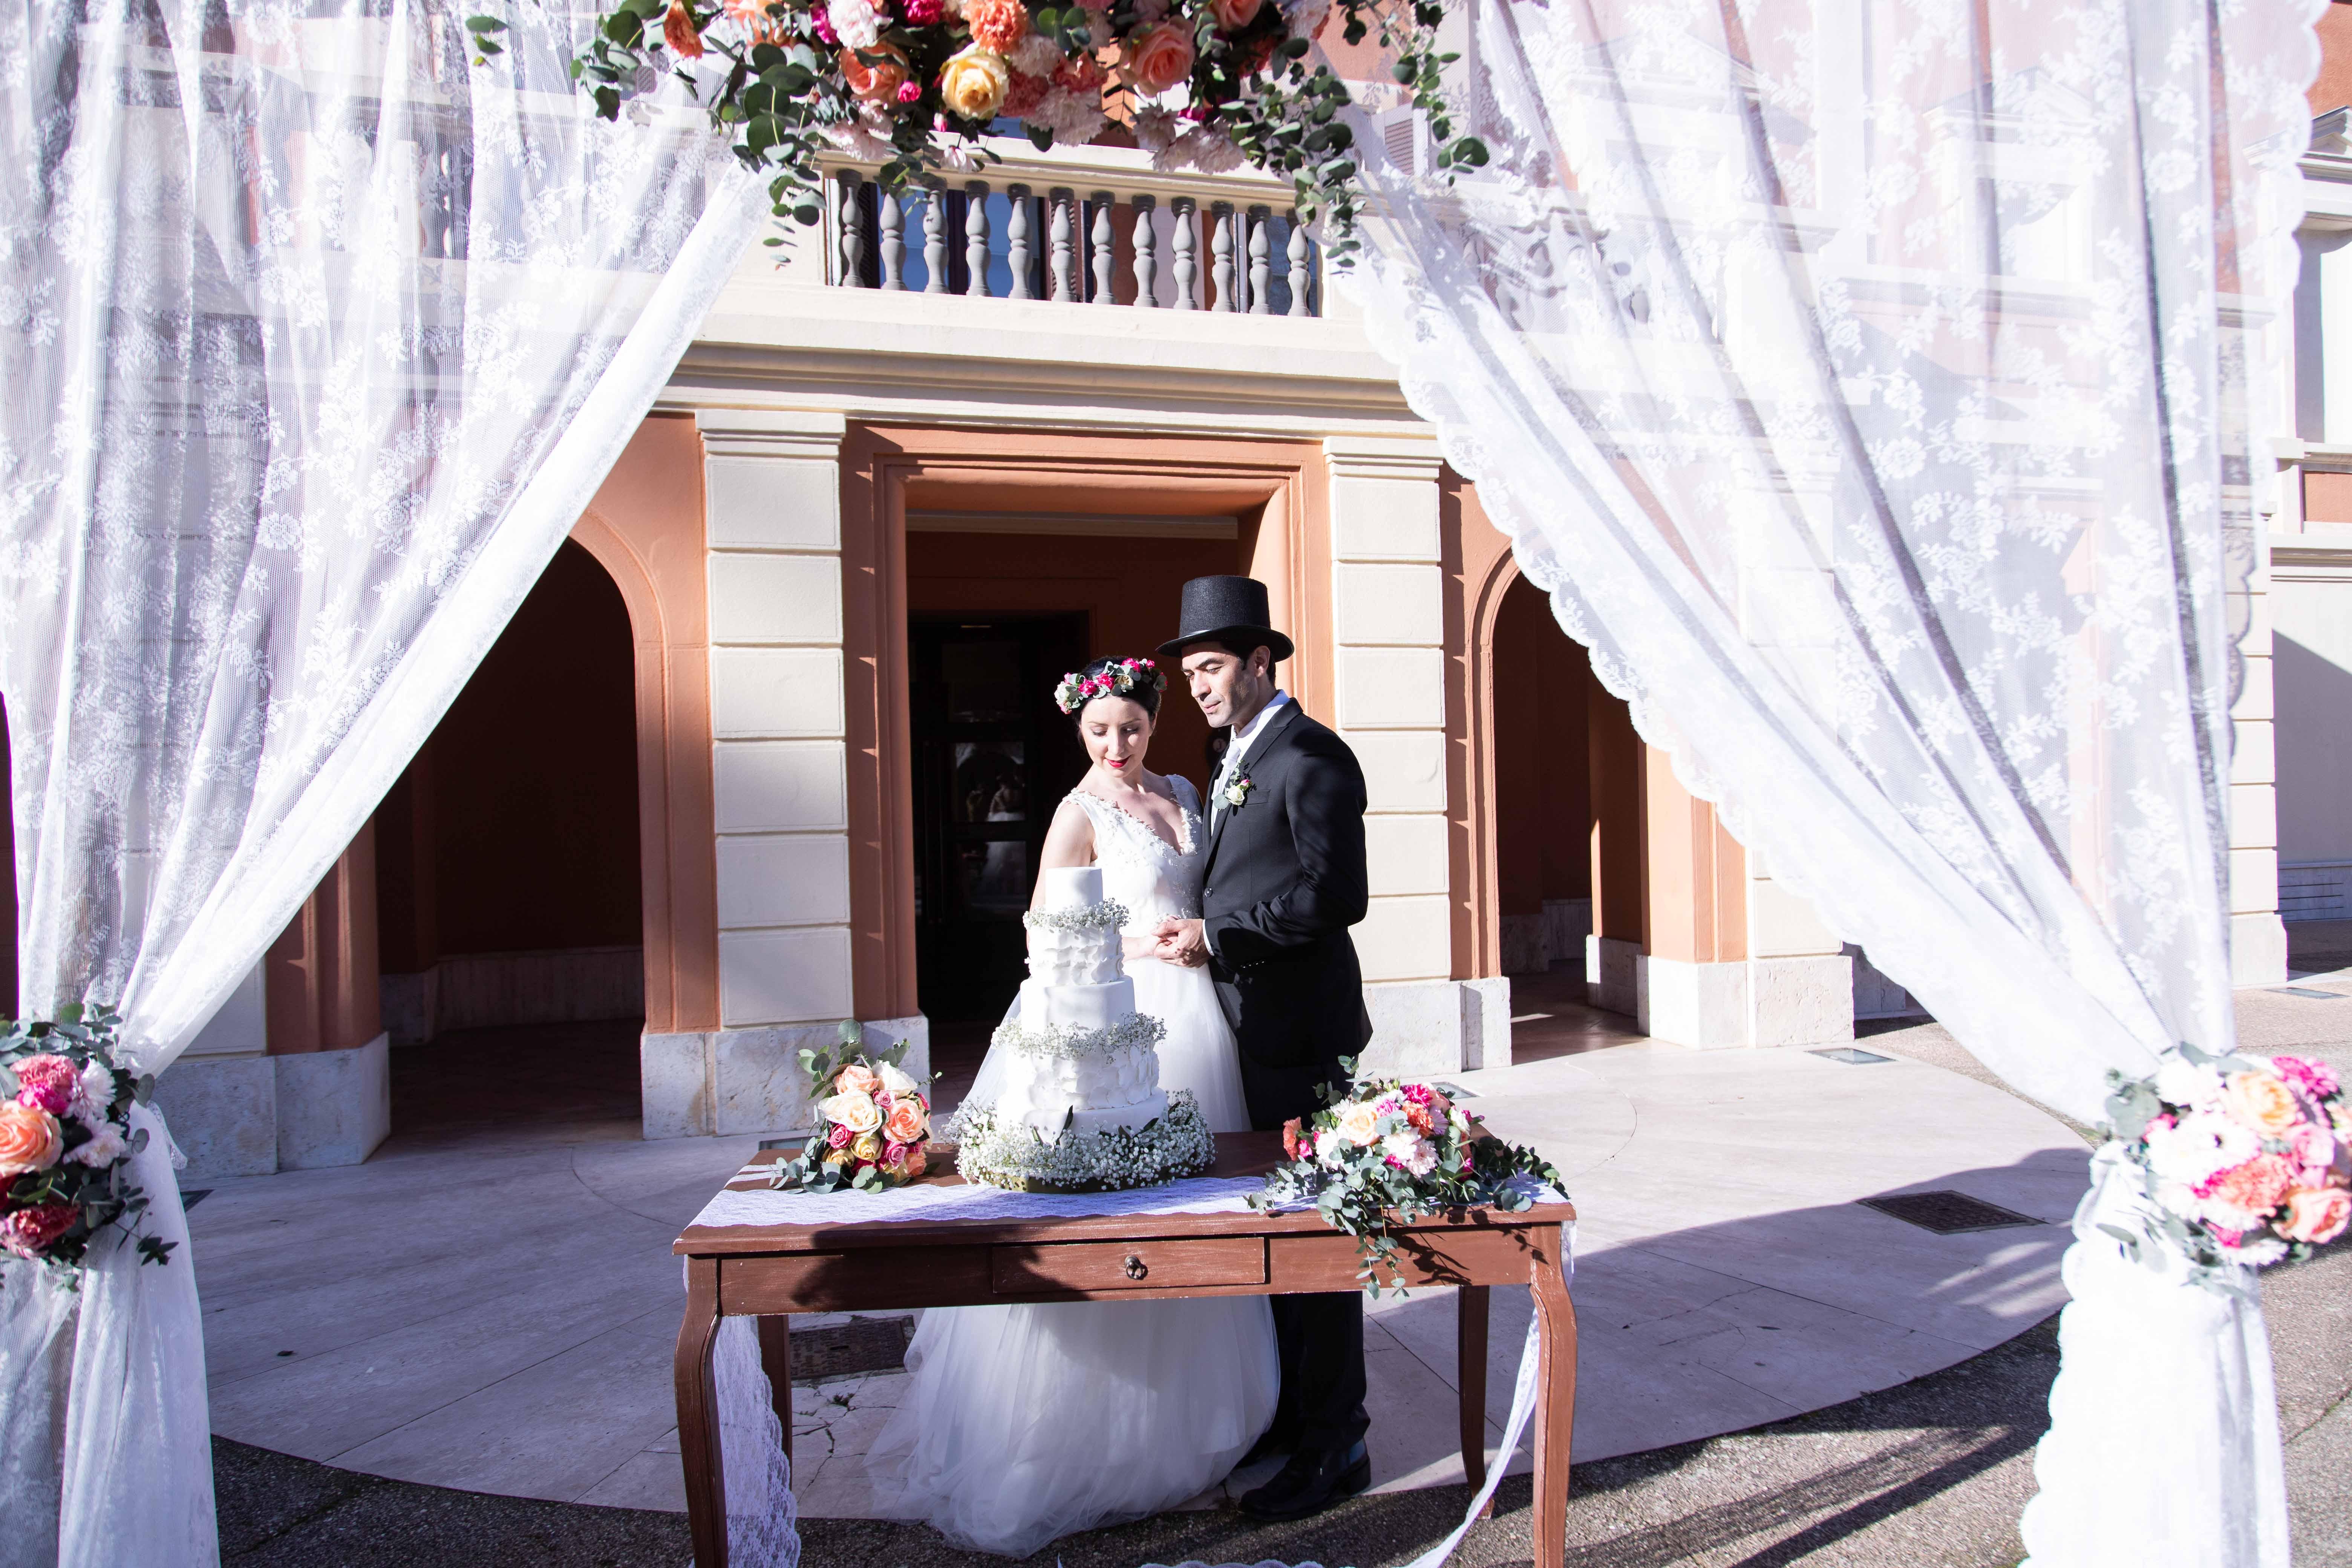 giardini-pubblici-cagliari-wedding